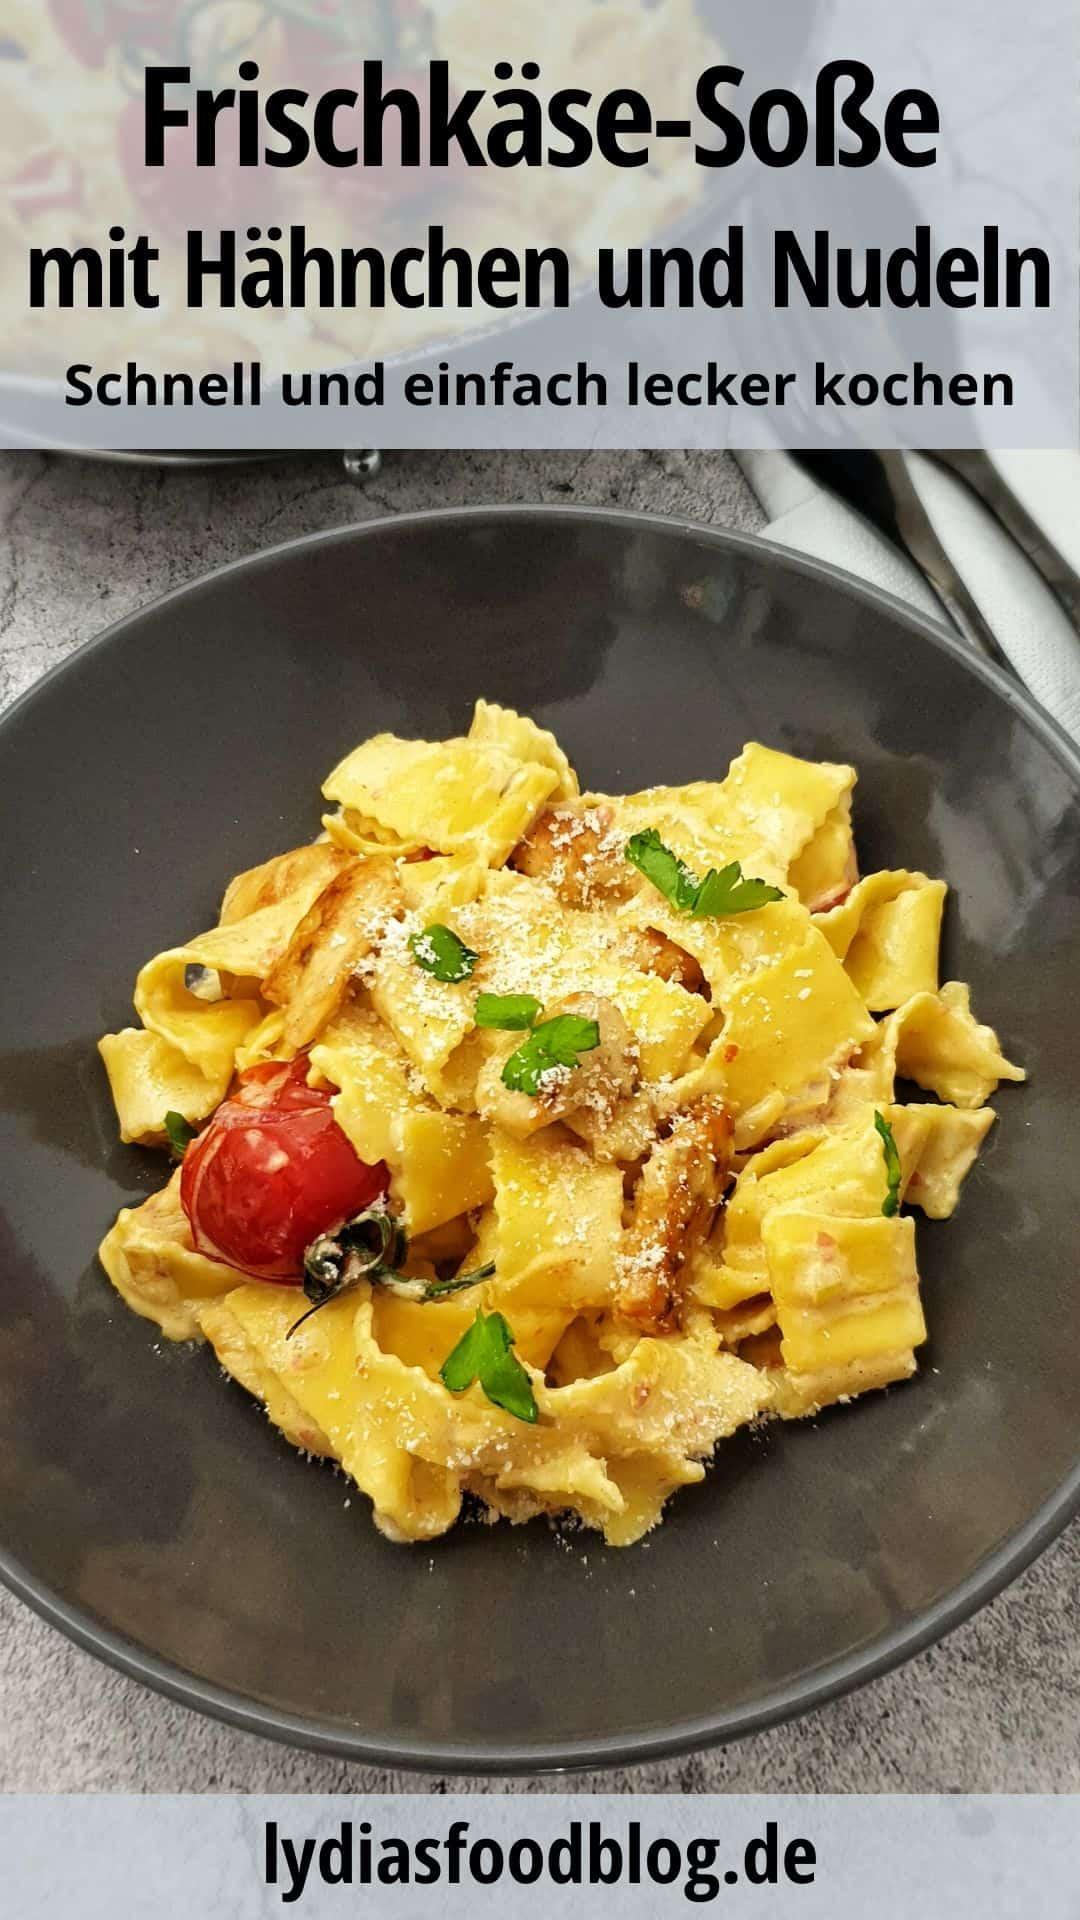 In einer braunen Schale Hähnchen-Frischkäse-Soße mit Bandnudeln. Bestreut mit Parmesan.